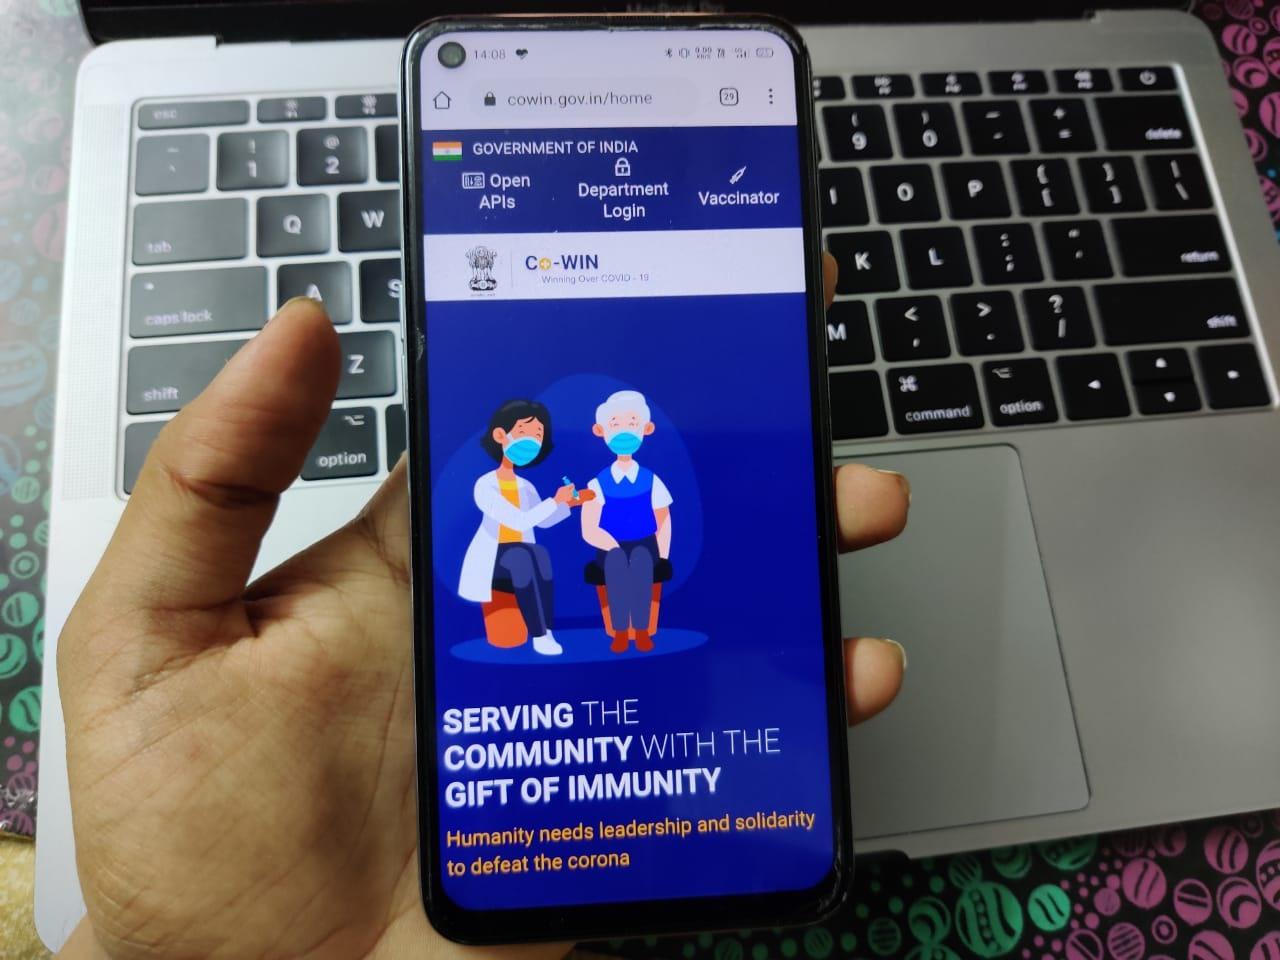 Phần mềm CoWin giúp Ấn Độ tăng tốc tiêm chủng một cách minh bạch hơn. Ảnh: medianama